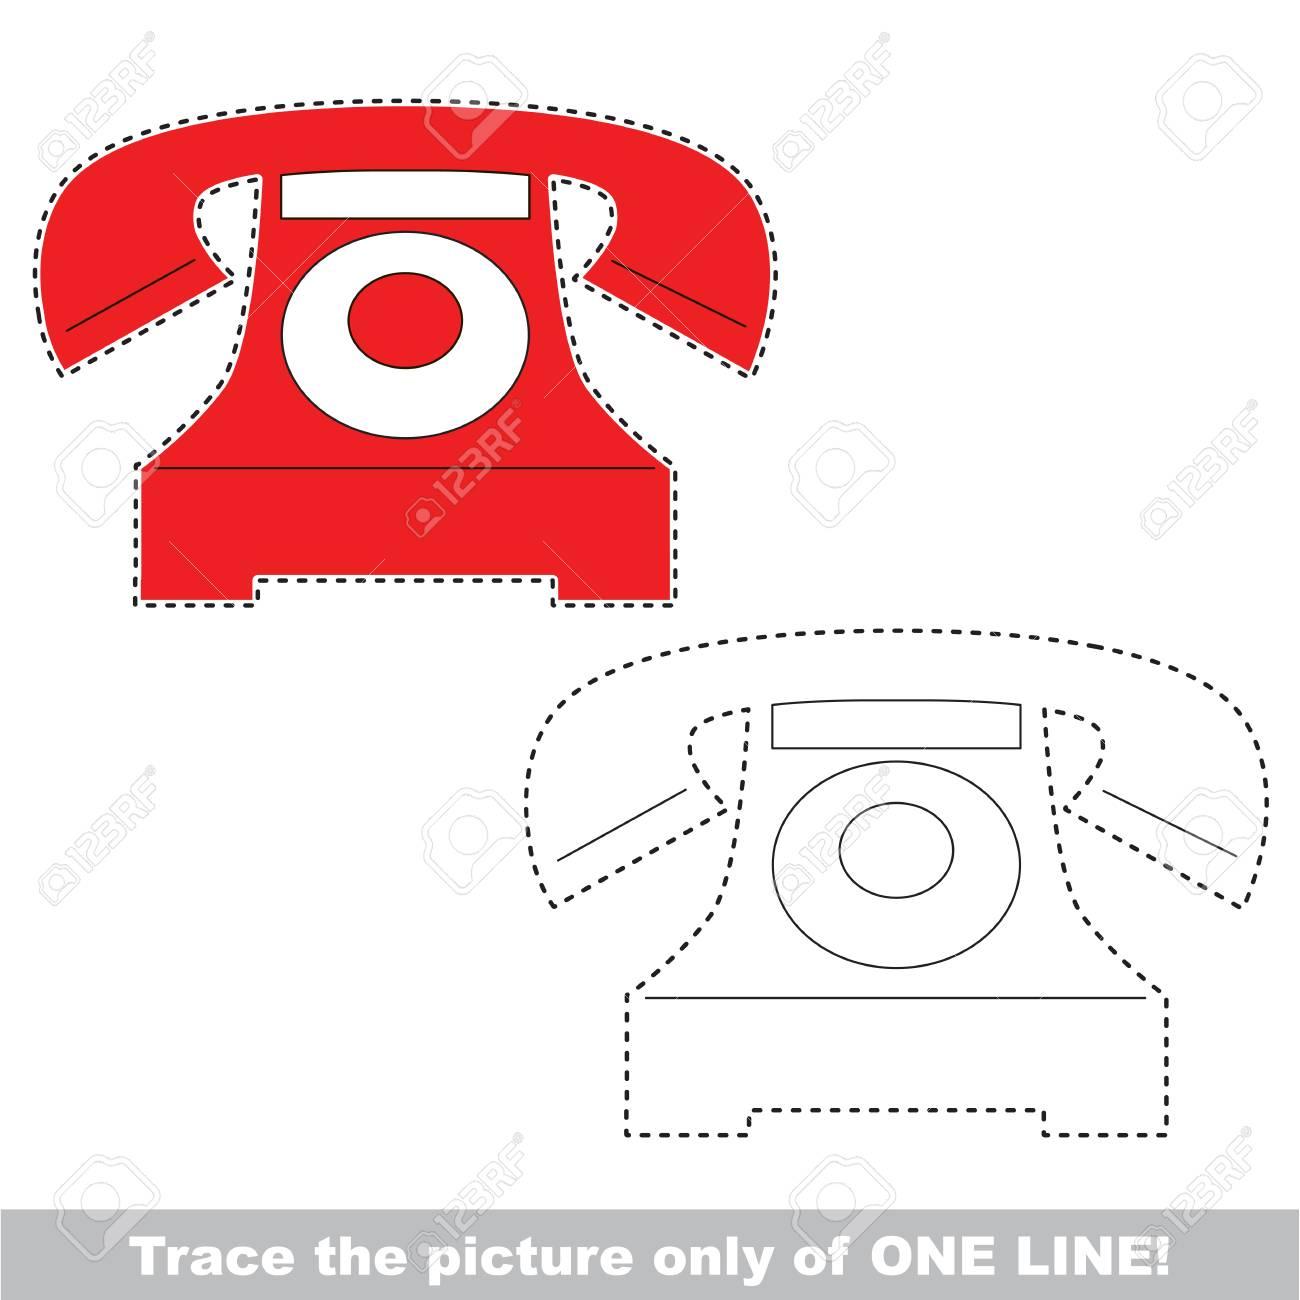 Telefon. Punkt Zu Punkt Lernspiel Für Kinder, Die One-Line-Tracing ...